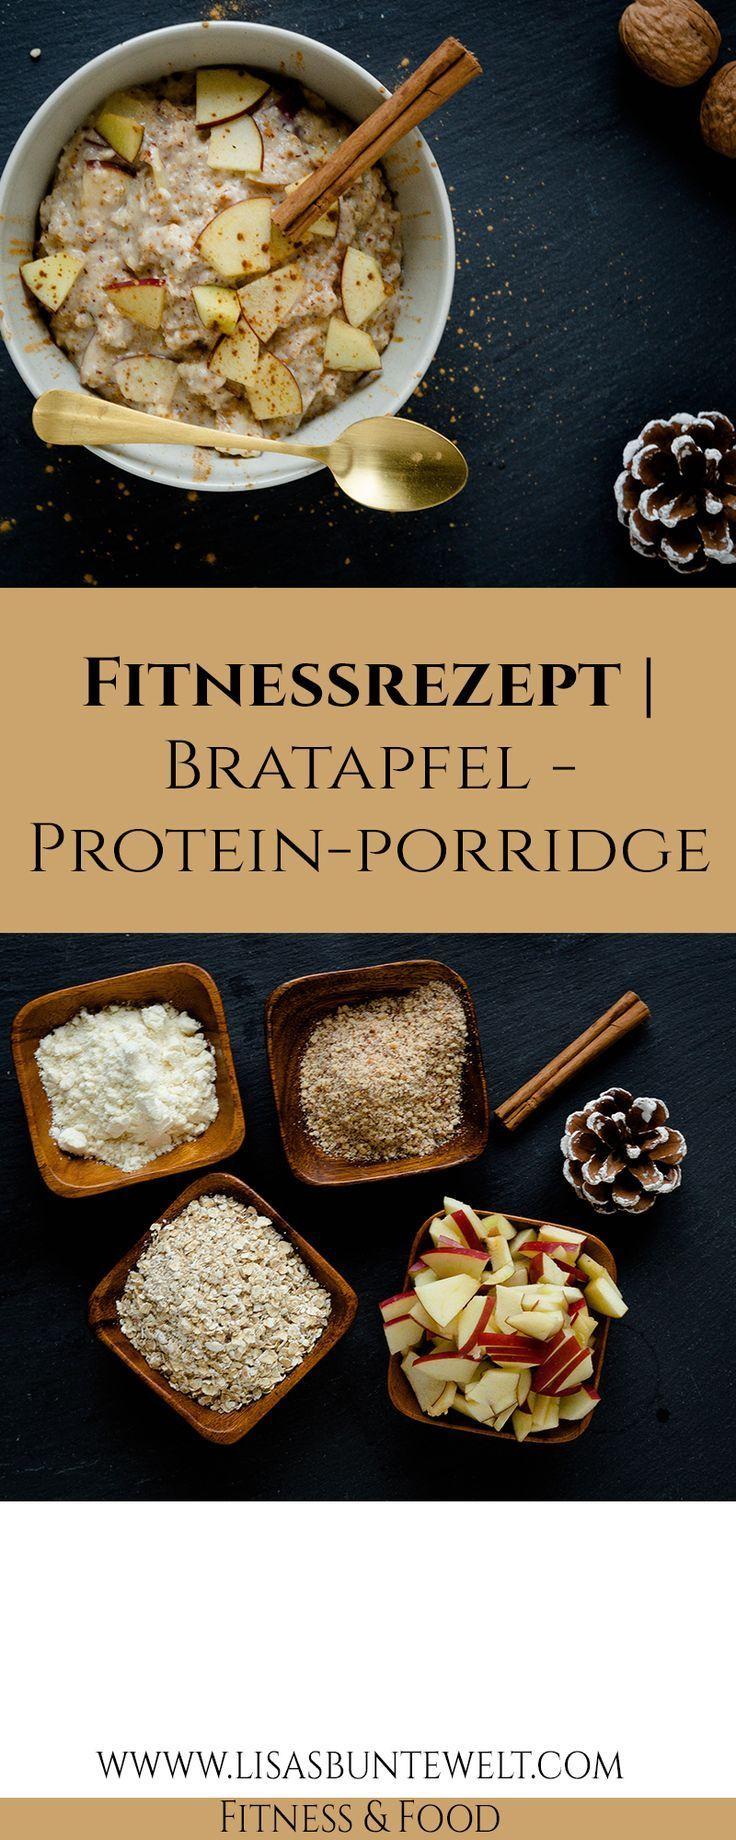 Fitness Rezept | Bratapfel-Protein-Porridge - LisasBunteWelt,  #BratapfelProteinPorridge #fitness #F...